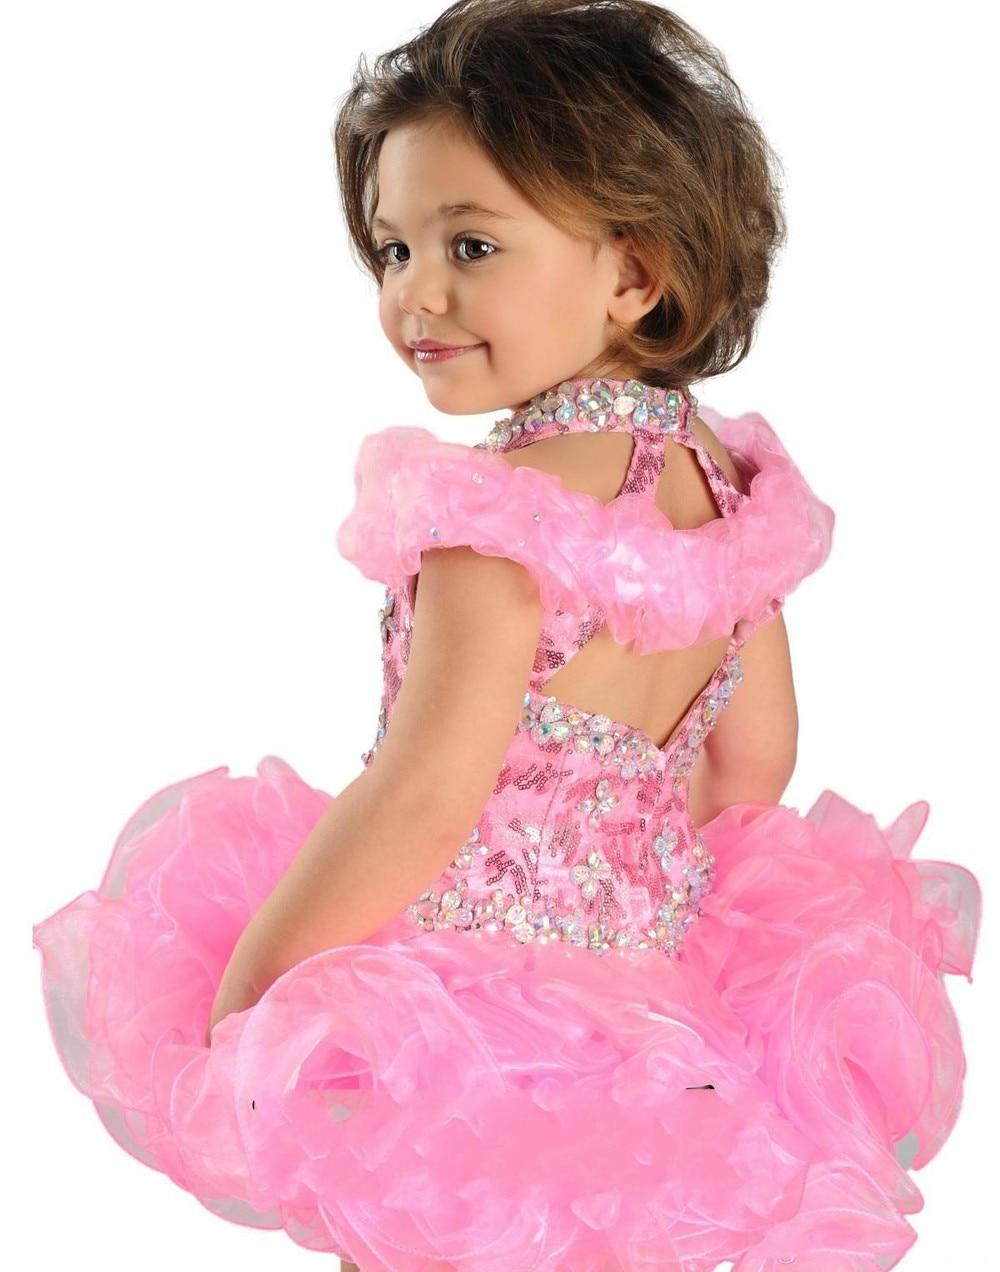 Супер очаровательное бальное платье с лямкой на шее, торжественное платье с кристаллами, украшенное бусинами, ручной работы, с рюшами из органзы, нарядное платье для девочек - Цвет: Розовый